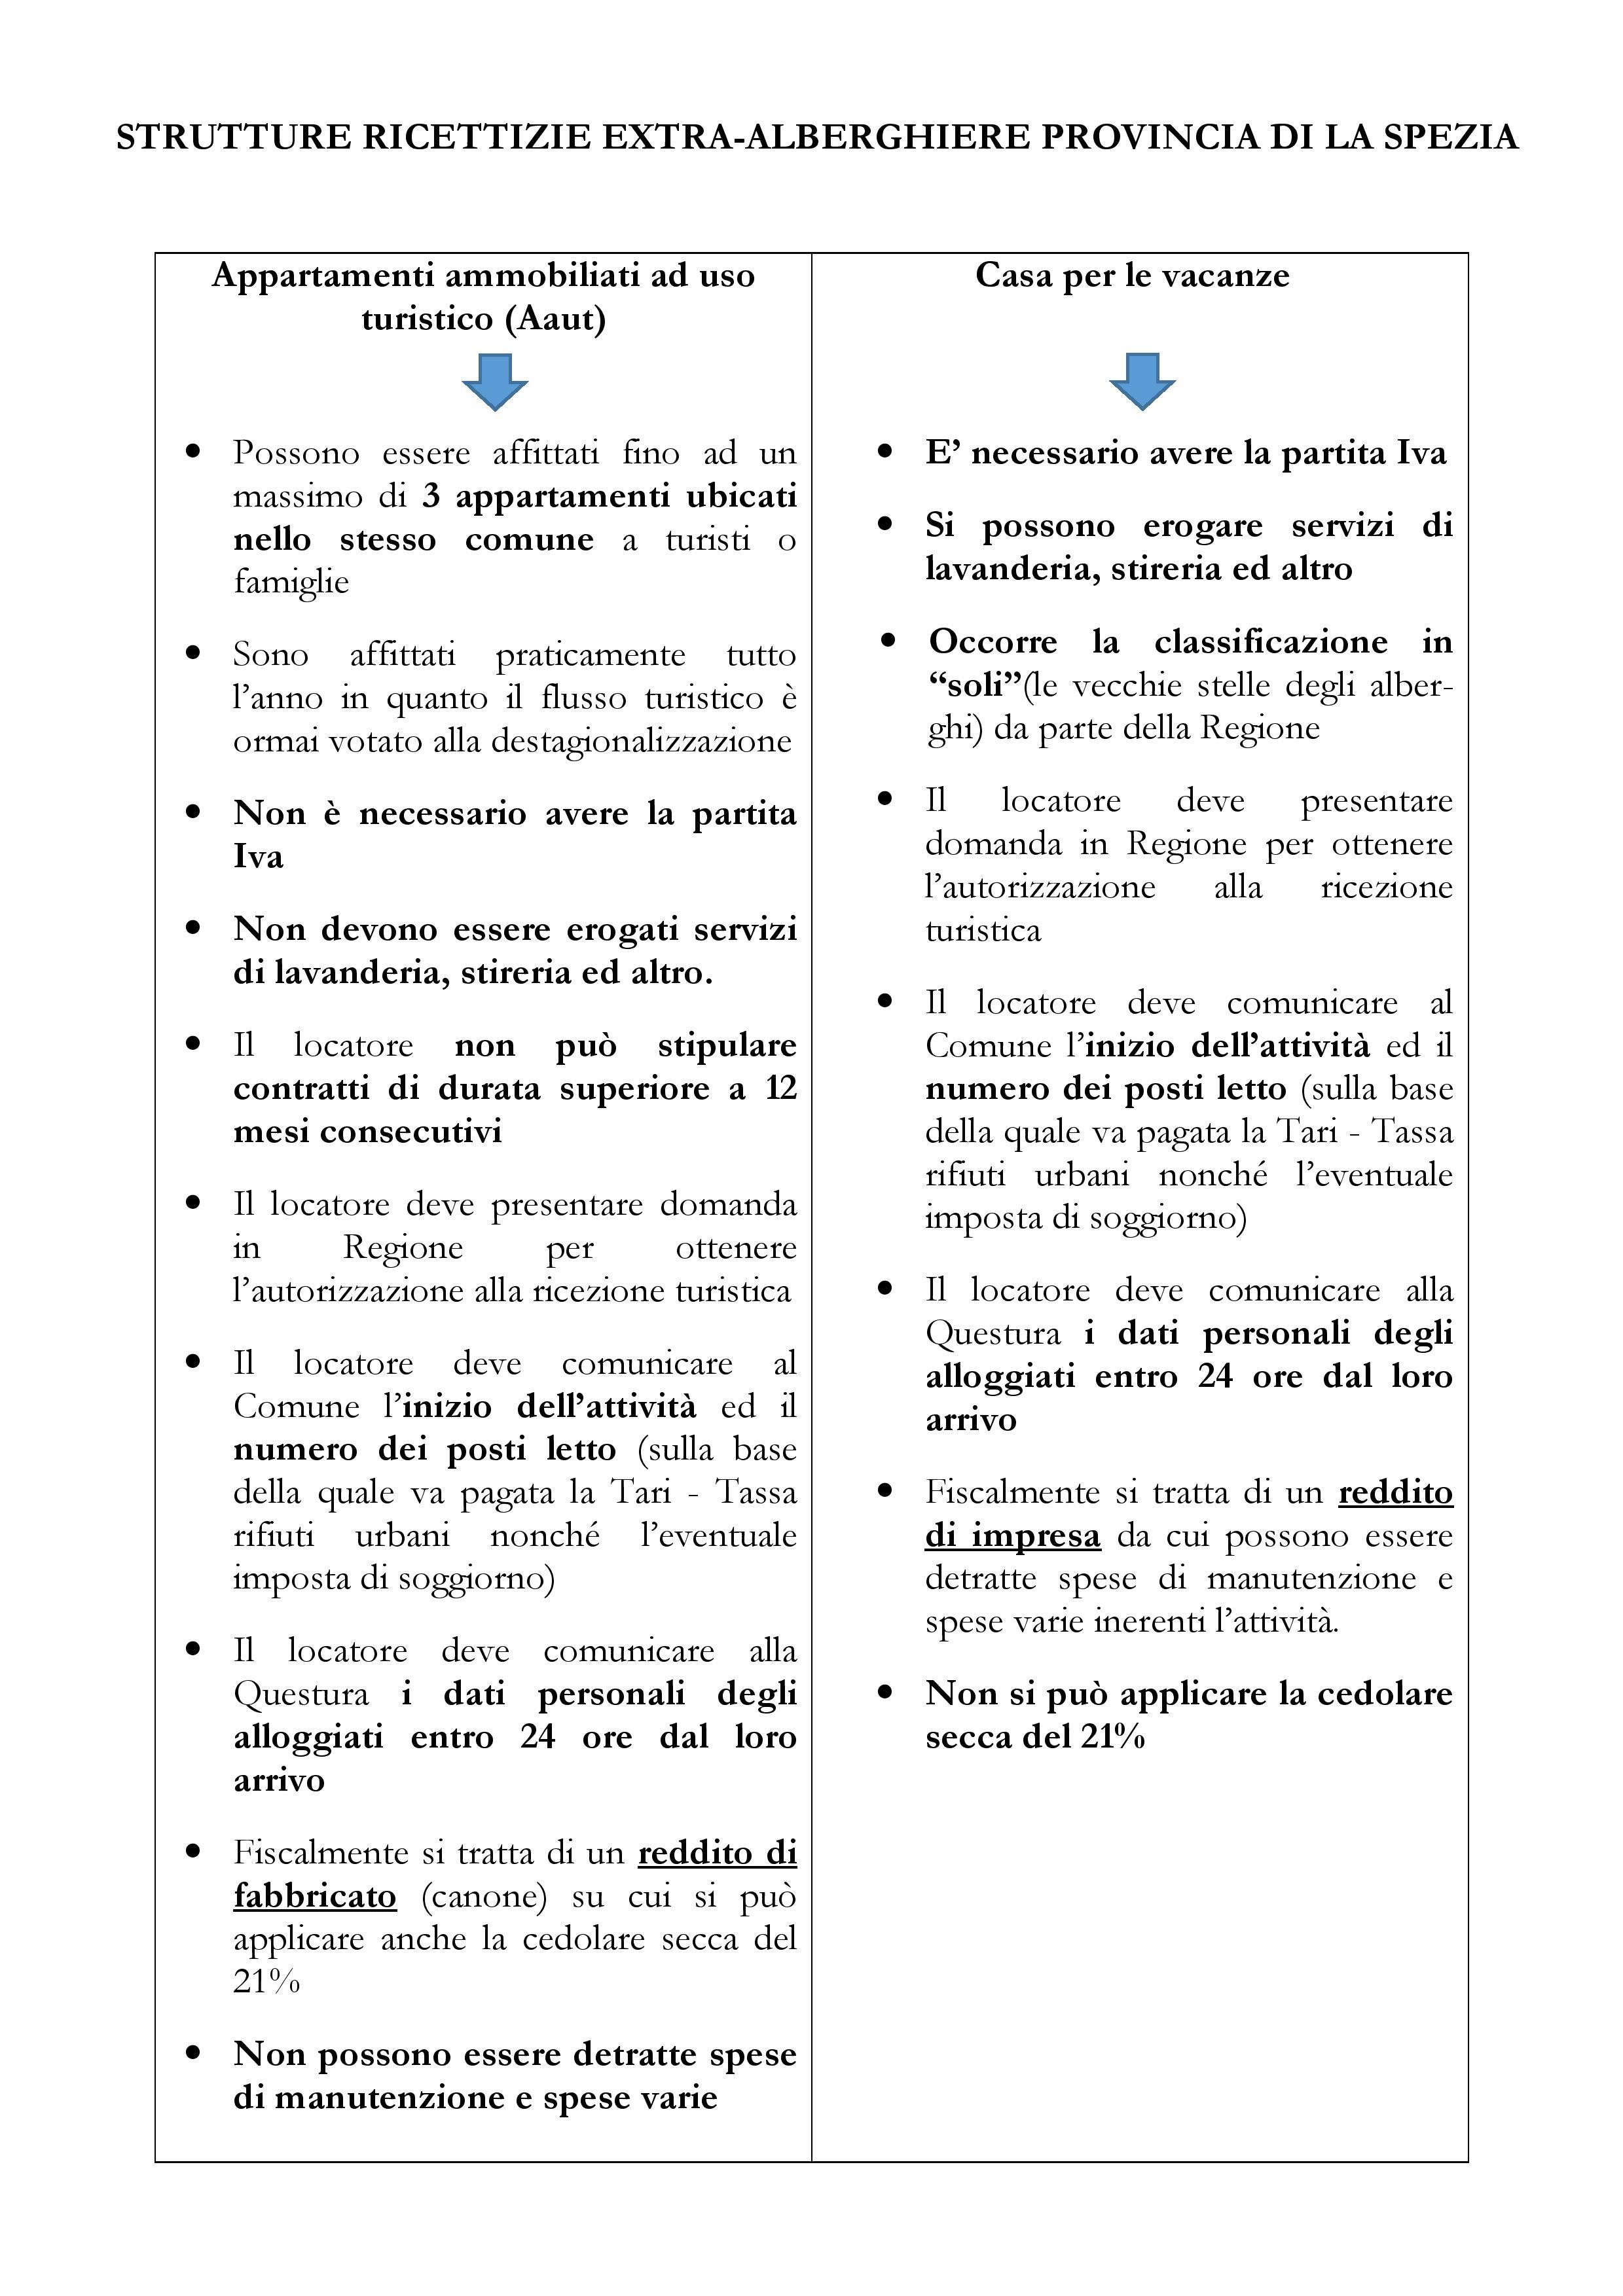 Case vacanze provincia di La Spezia